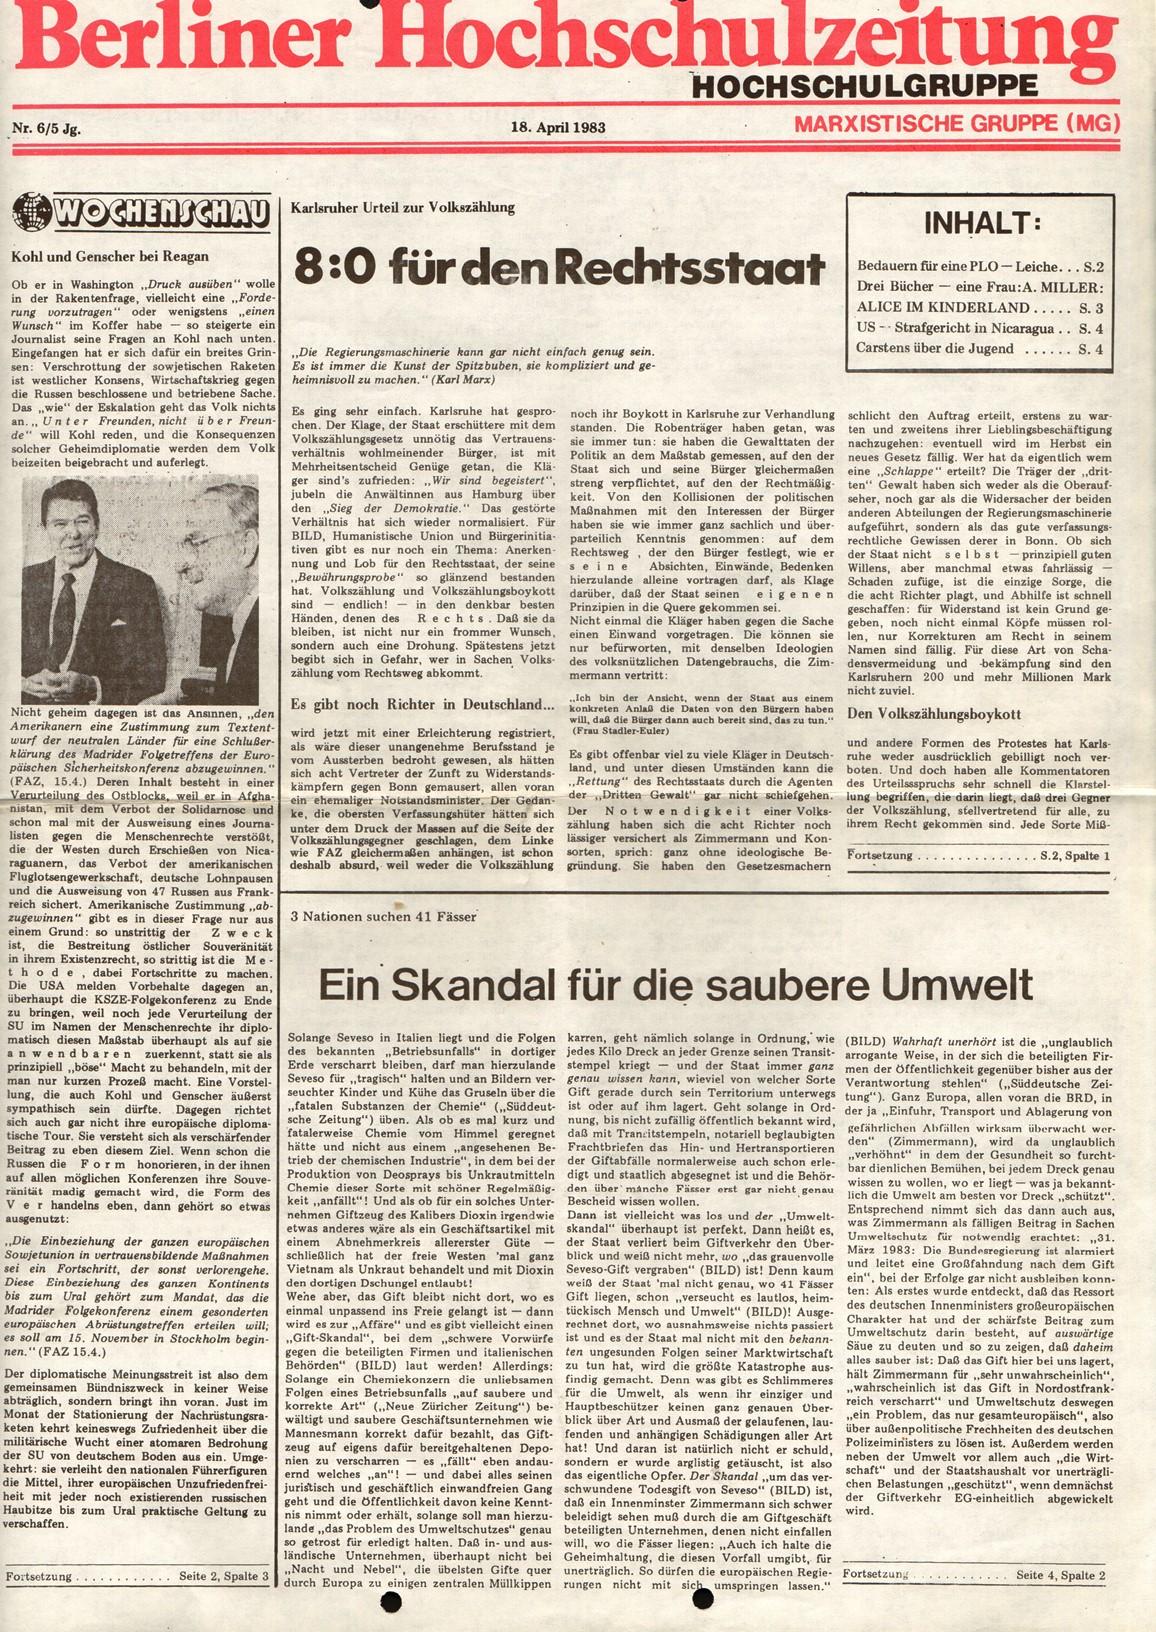 Berlin_MG_Hochschulzeitung_19830418_01